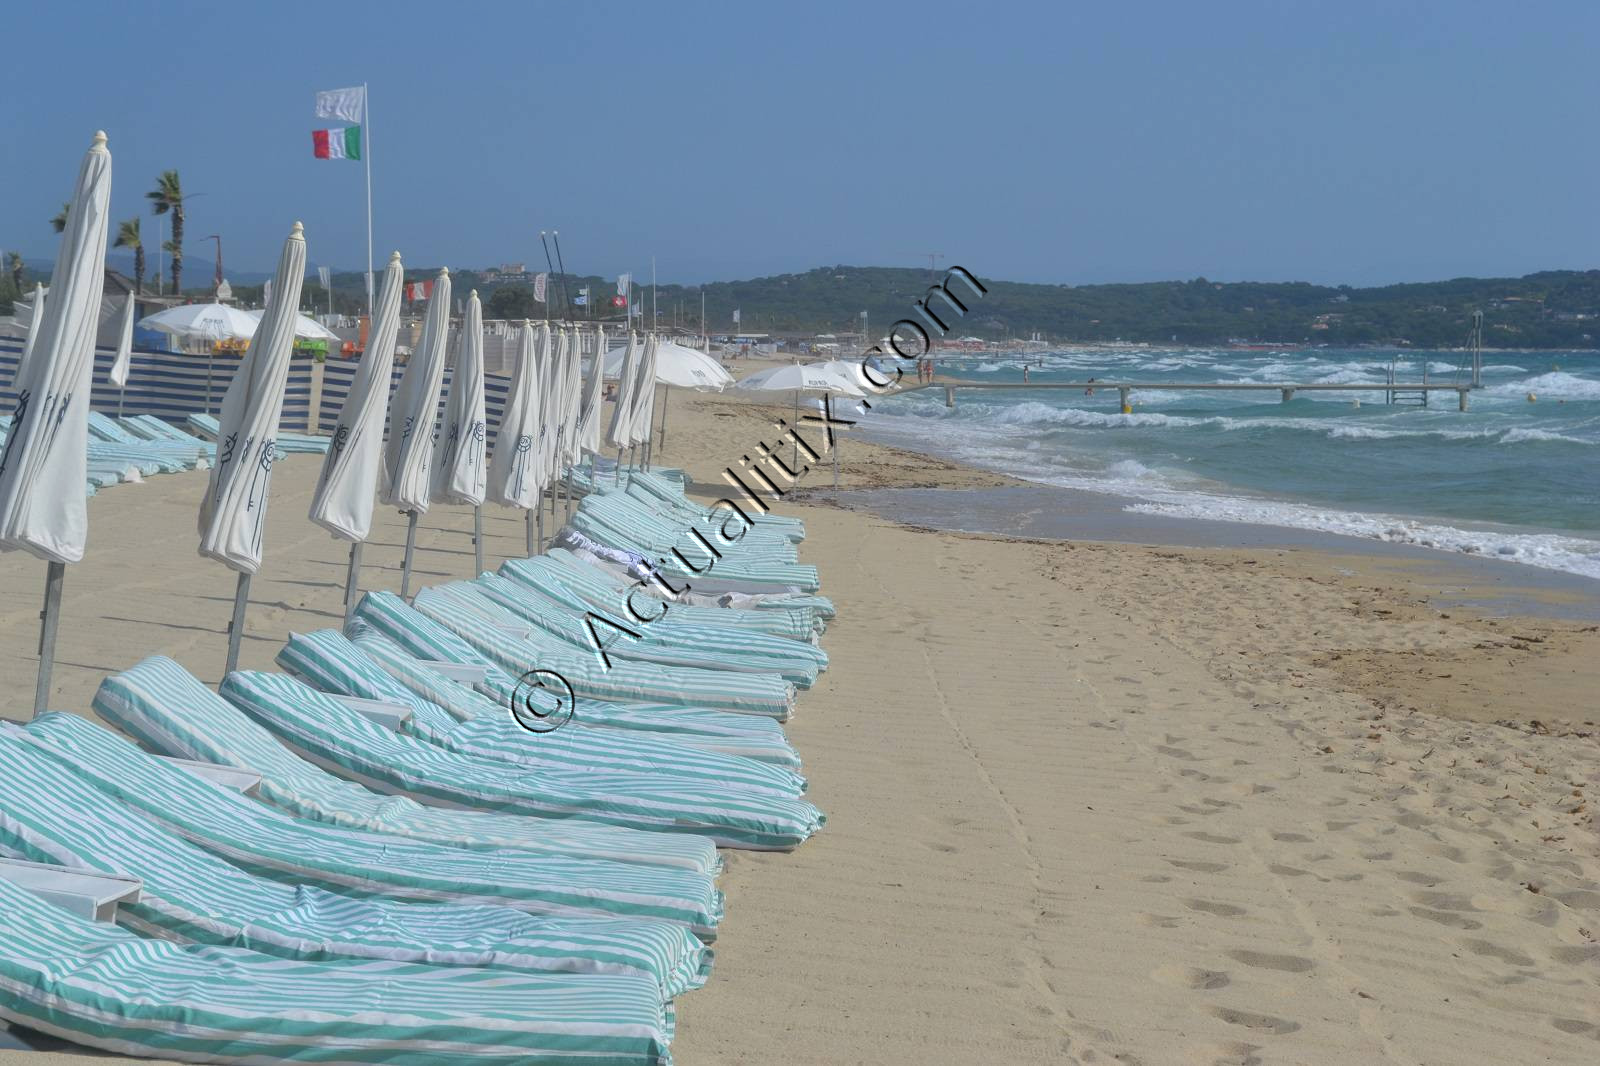 Club privé sur la plage de Pampelonne